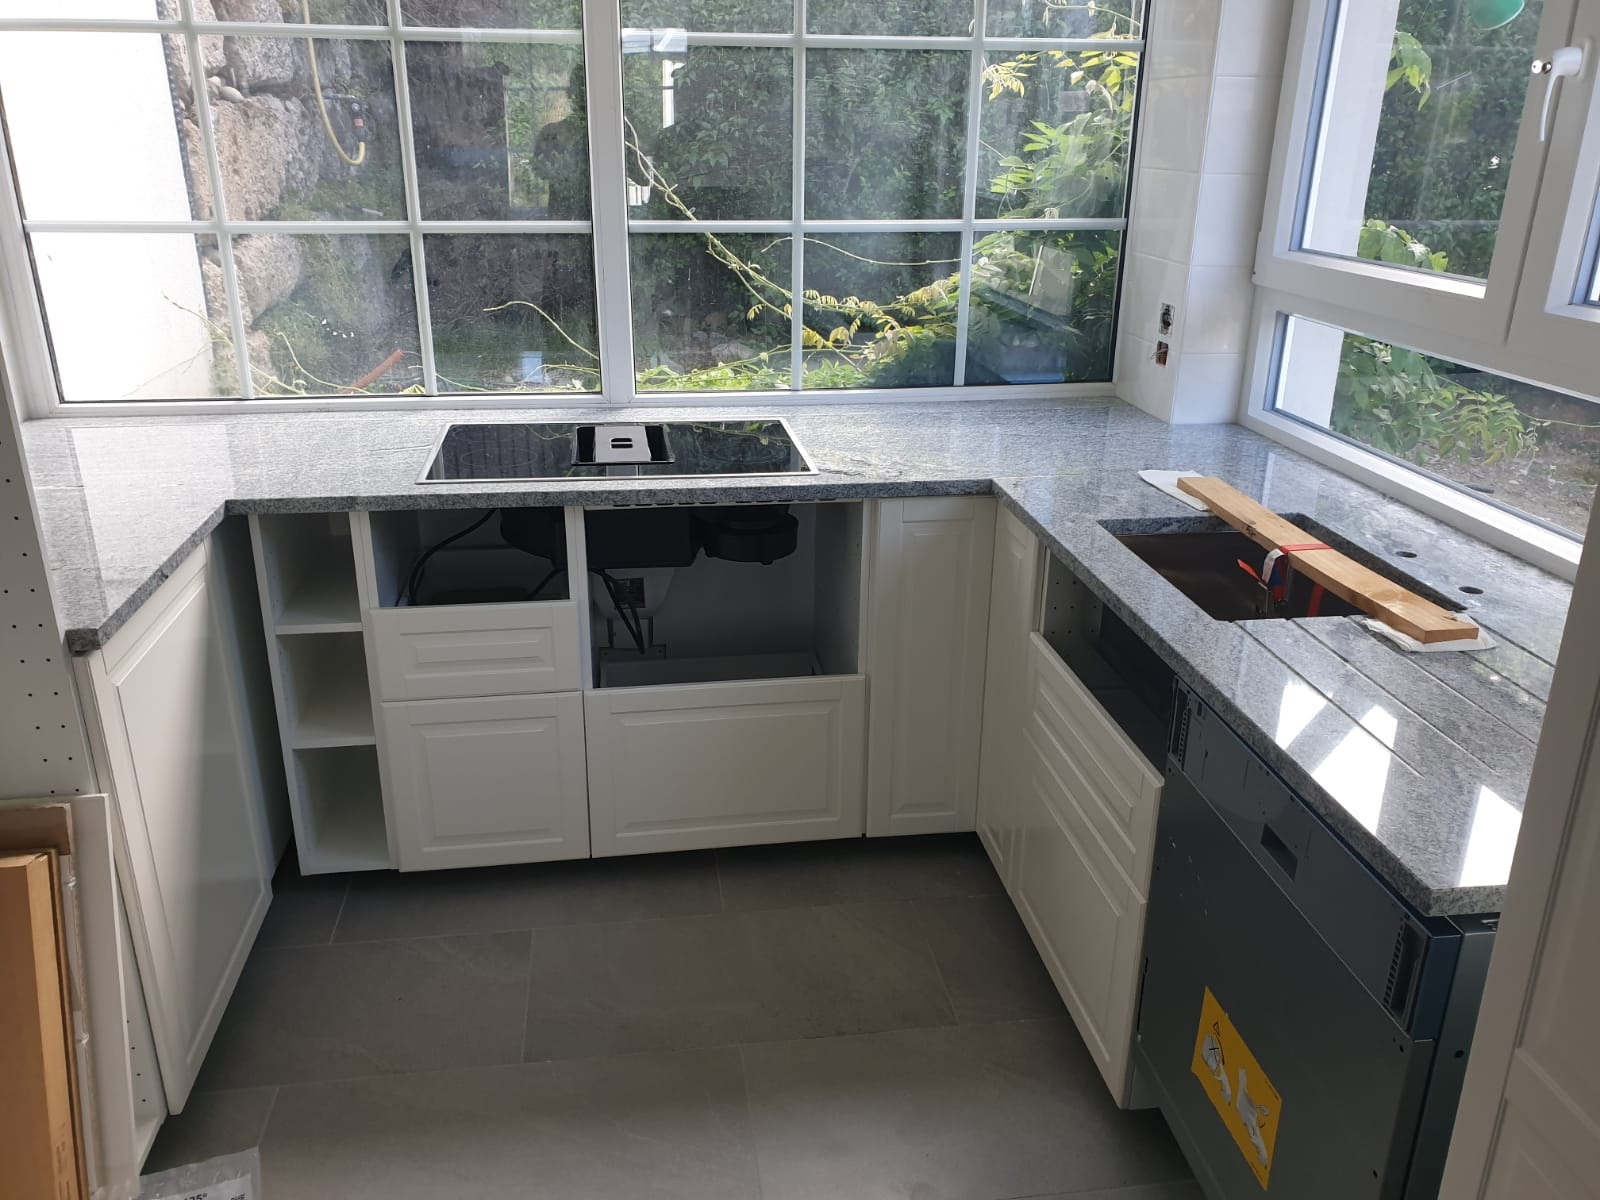 Full Size of Küchenrückwand Ikea Betten Bei Küche Kosten 160x200 Sofa Mit Schlaffunktion Modulküche Kaufen Miniküche Wohnzimmer Küchenrückwand Ikea